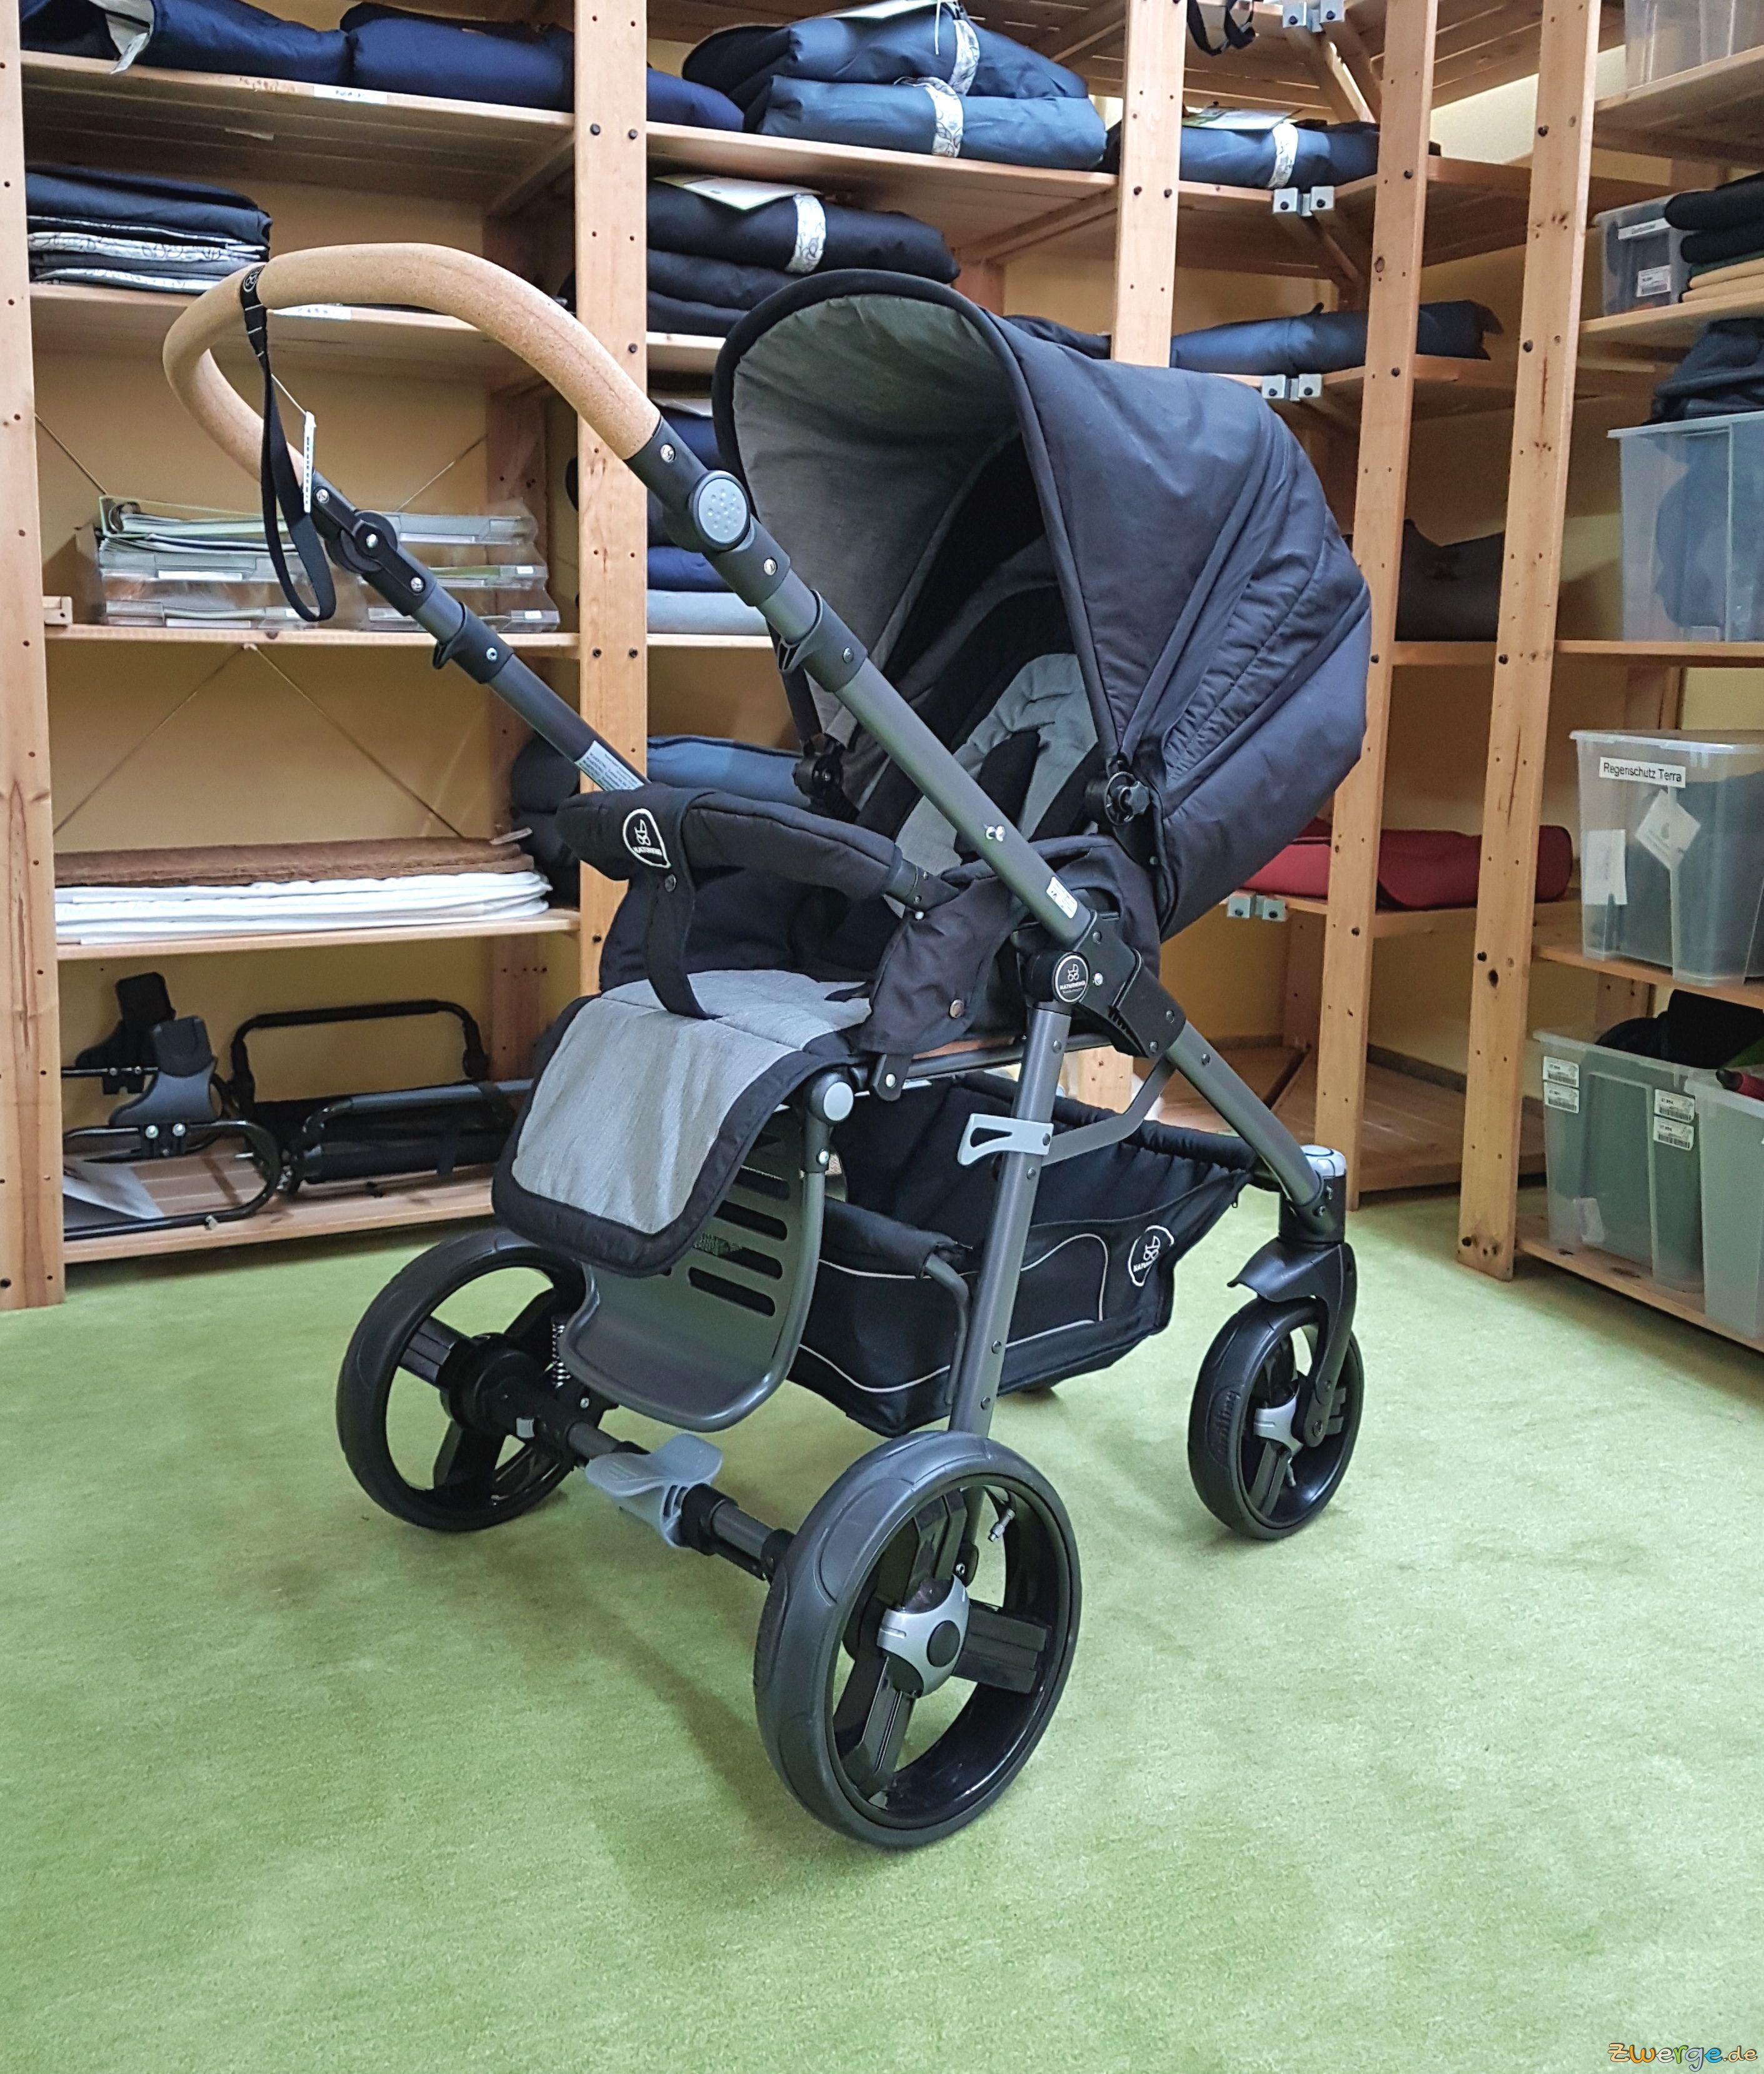 naturkind lux der leichte wendige und moderne kinderwagen mein babyshop. Black Bedroom Furniture Sets. Home Design Ideas